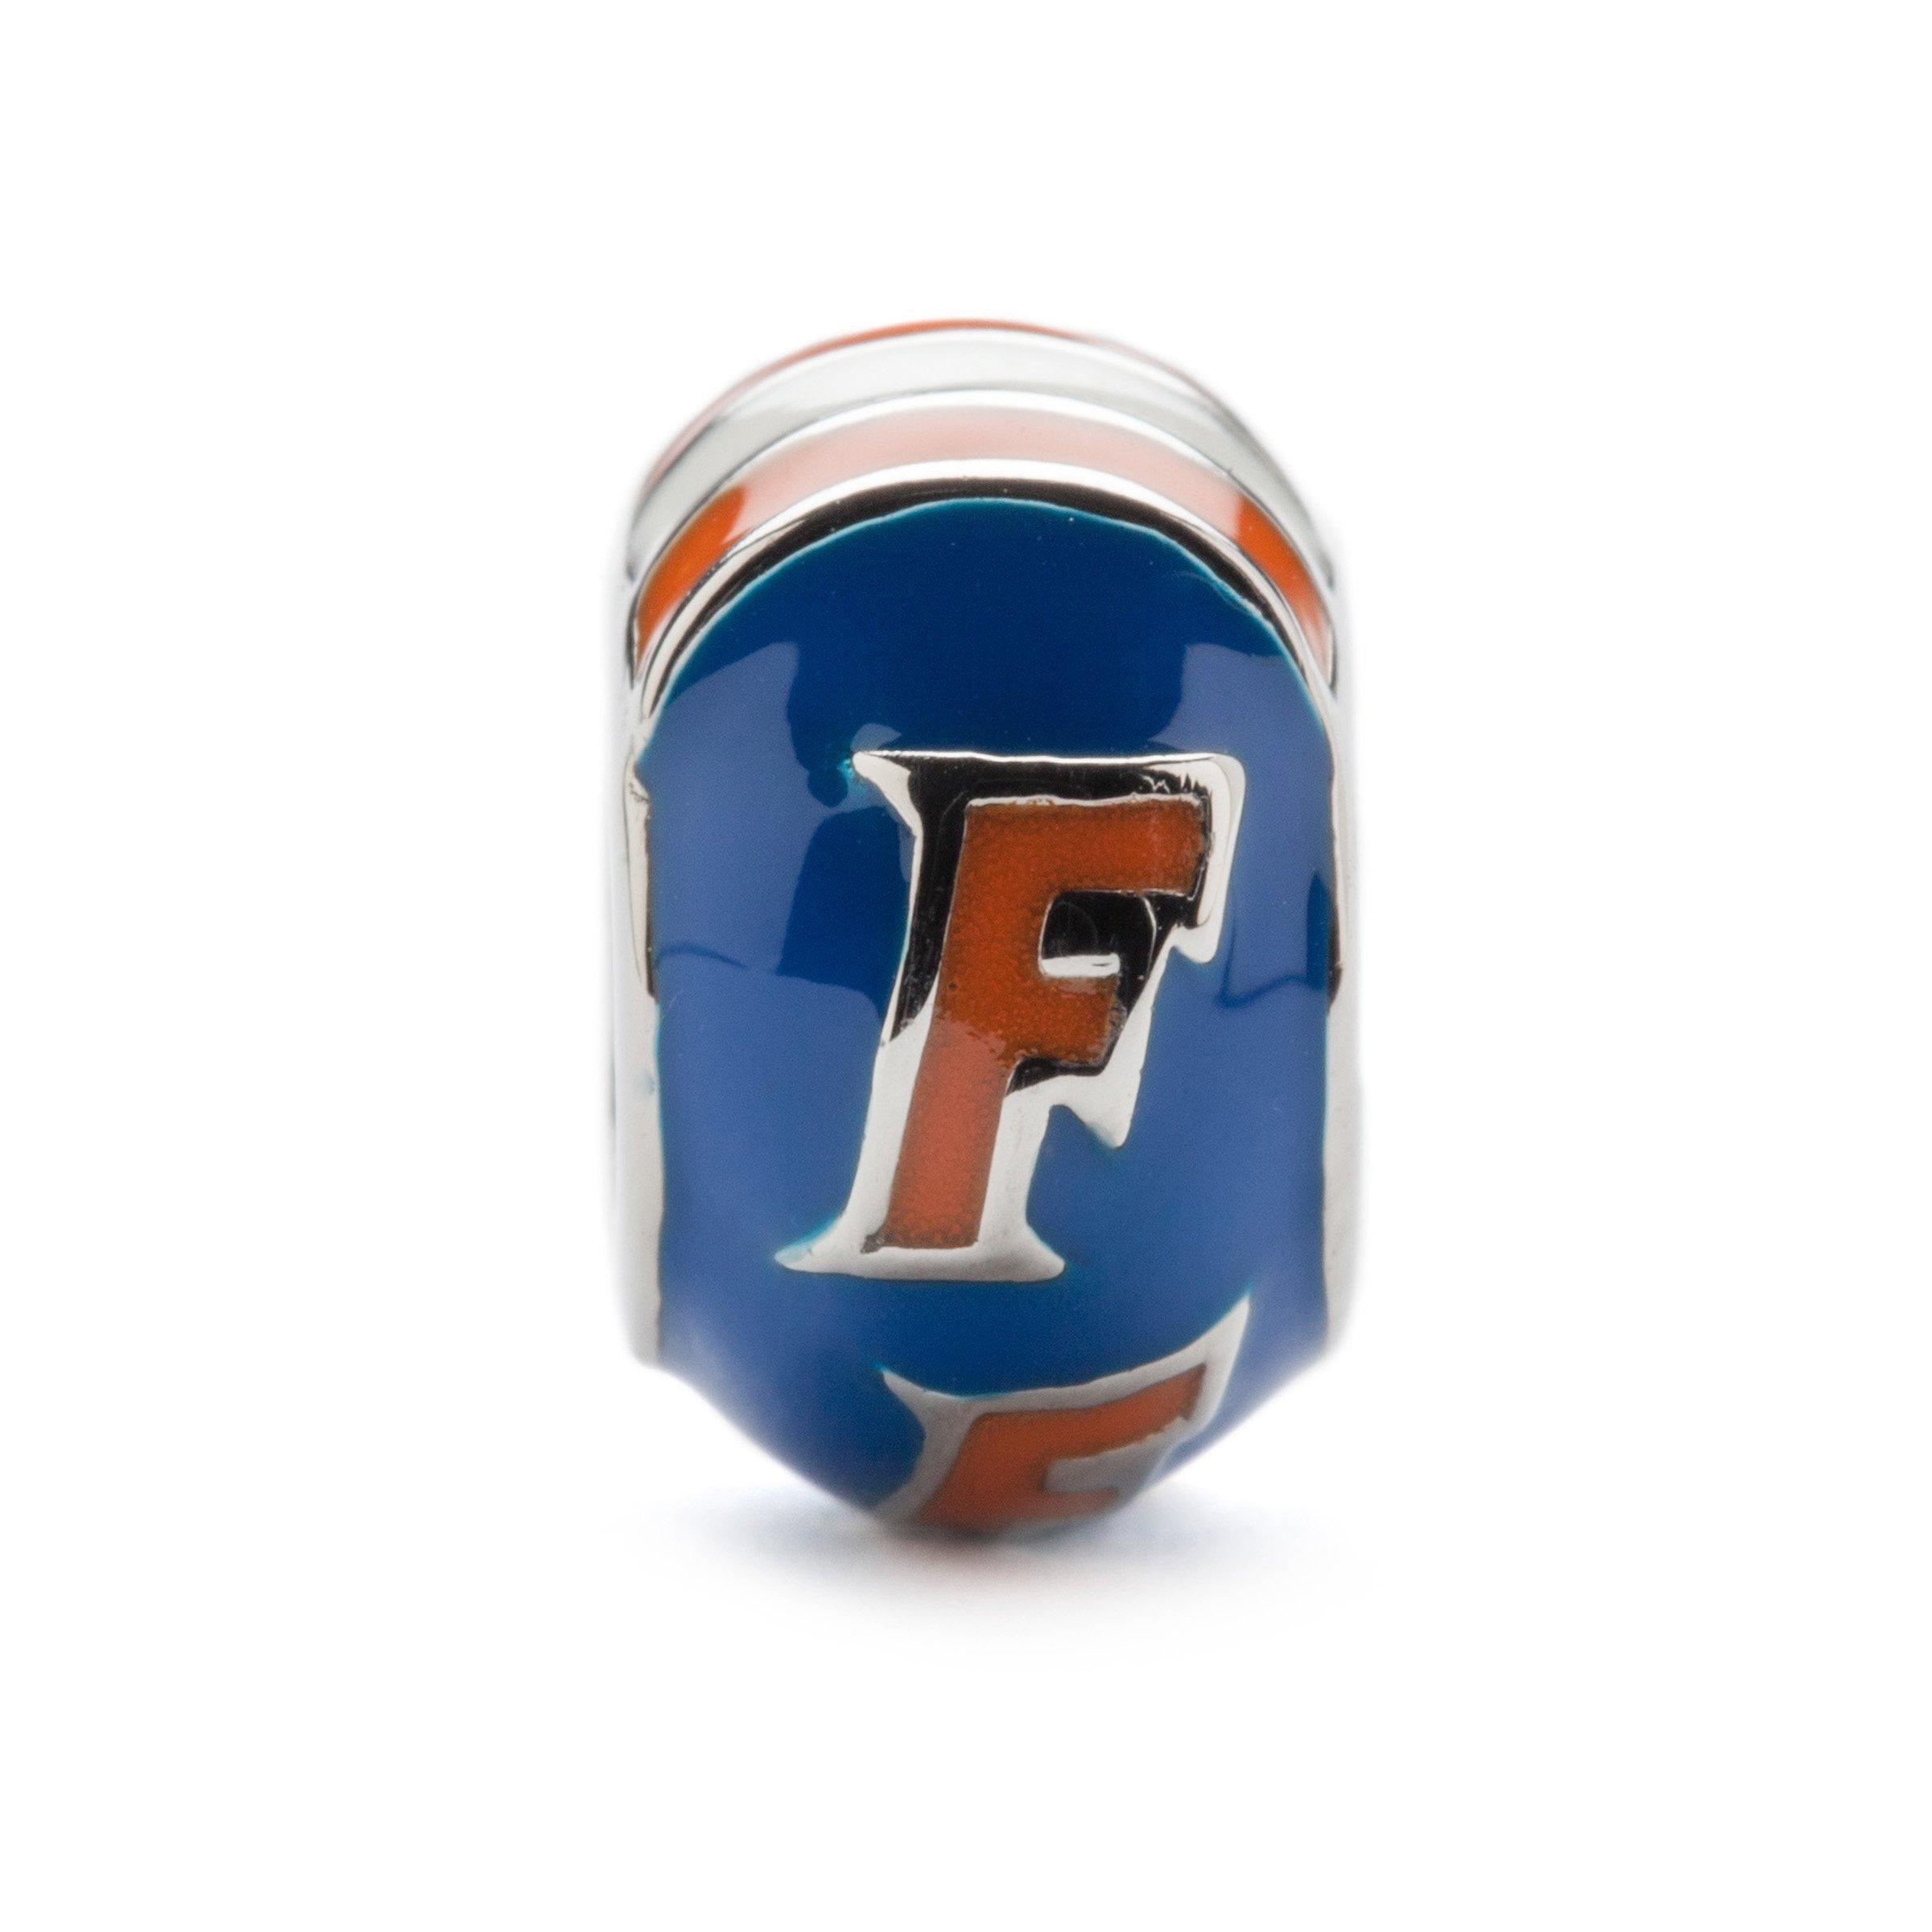 フロリダ大学ビーズのステンレス鋼ジュエリー、Ä¢¢手描きのUFジュエリー»ユニバーシティギフト»最も人気のあるペンダントブレスレットに最適